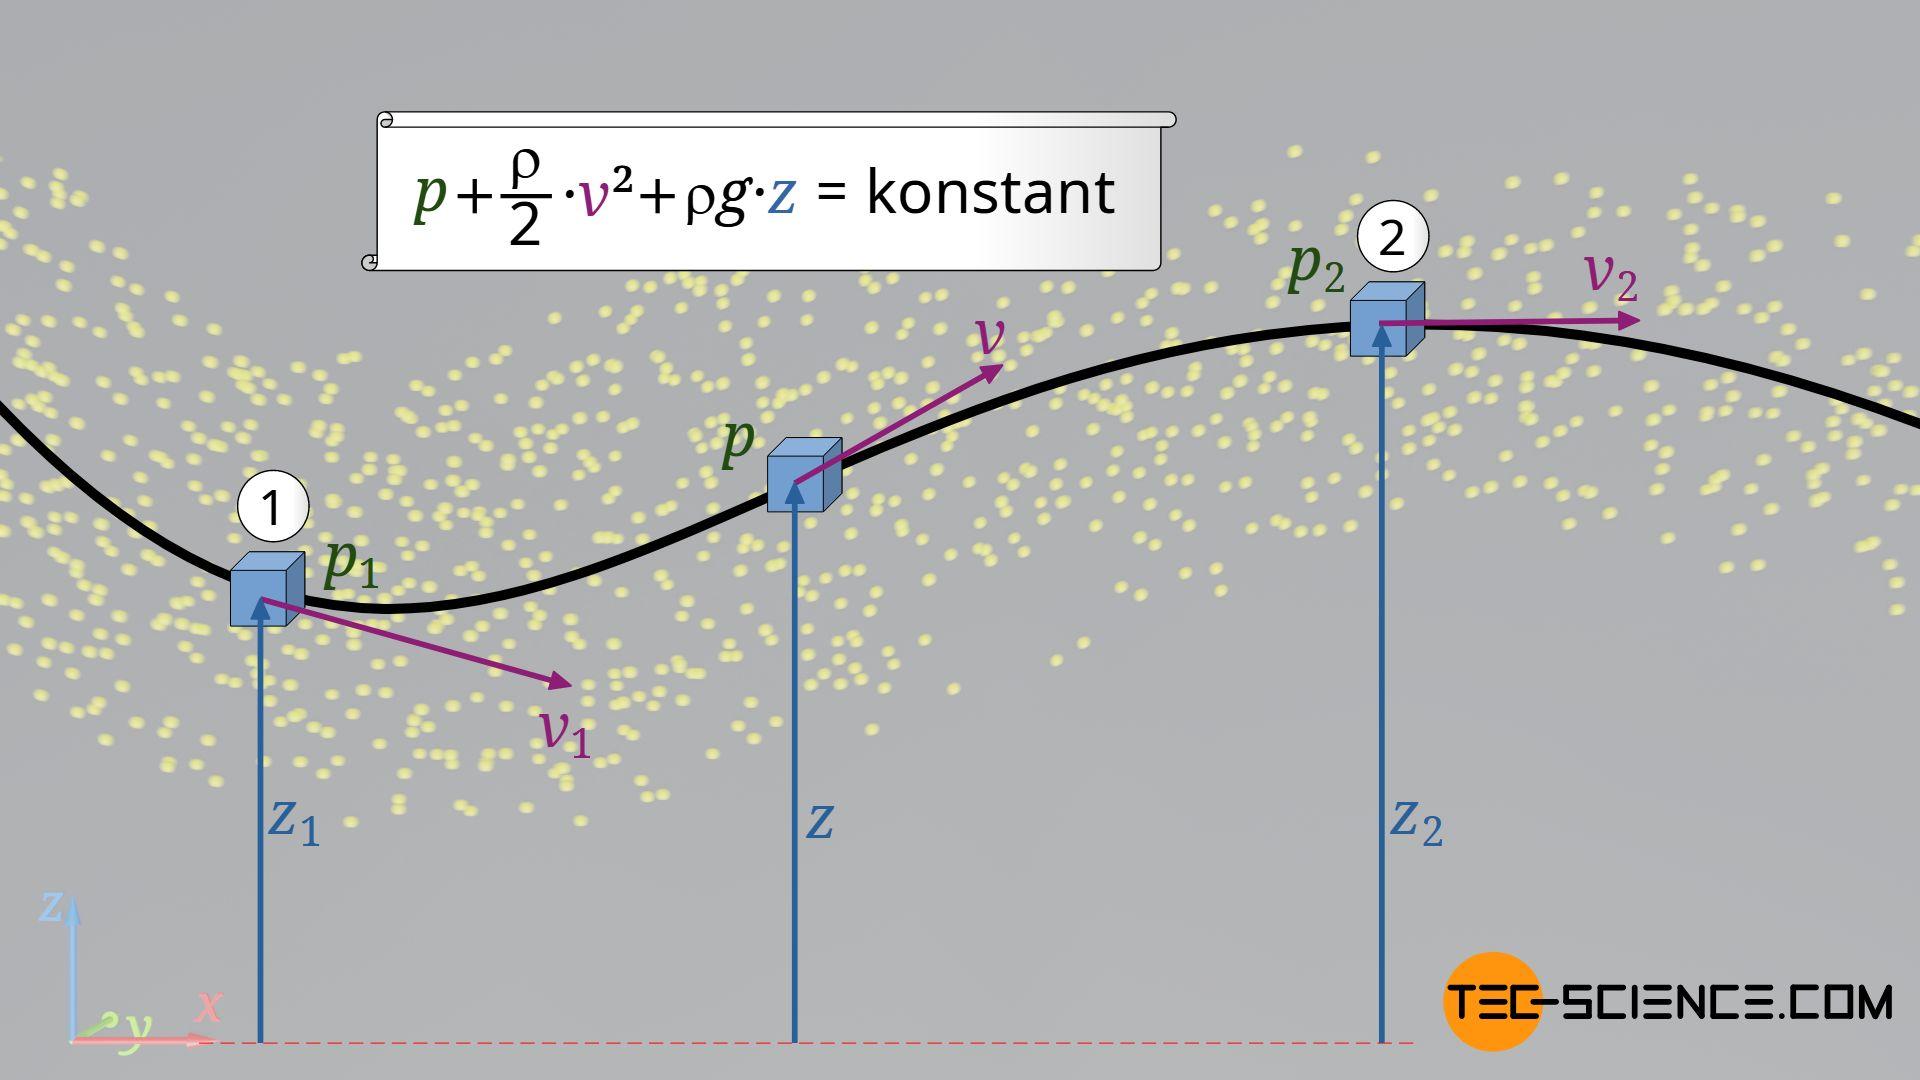 Verknüpfung zweier Zustände auf einer Stromlinie (Bernoulli-Gleichung)